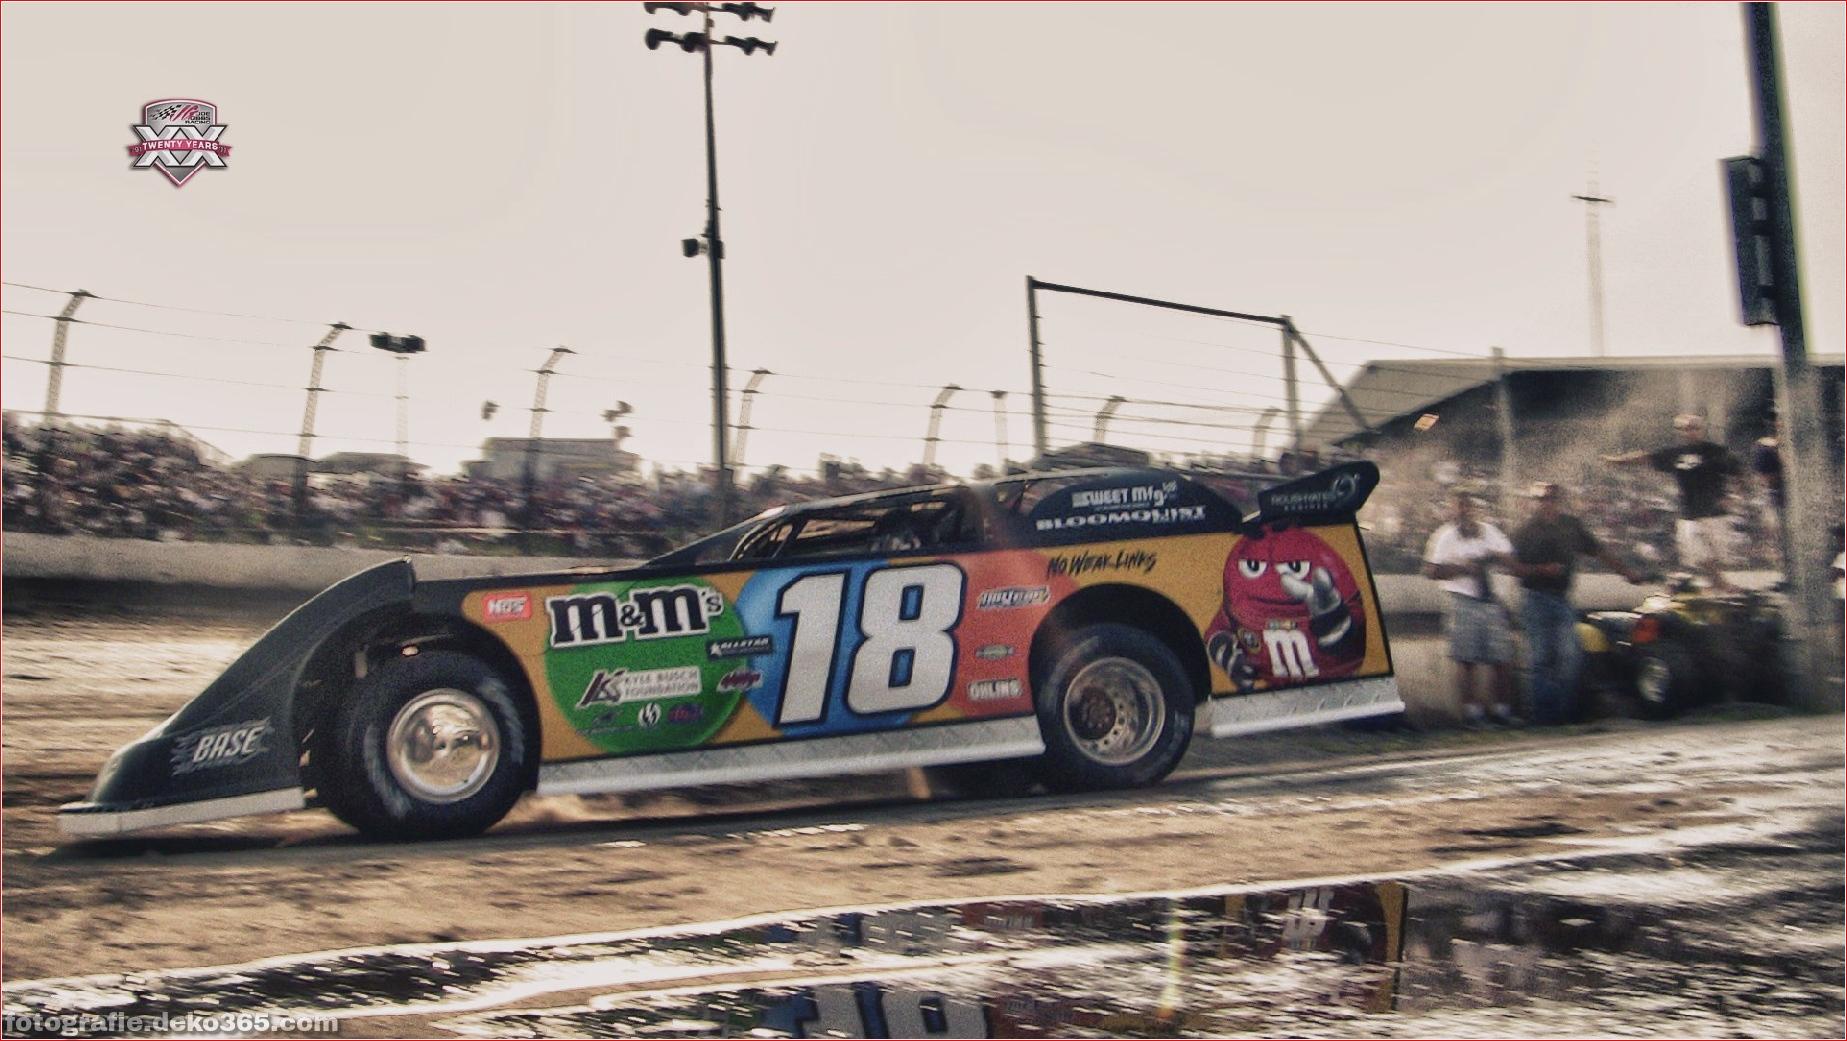 Schöne NASCAR-Hintergründe (10)